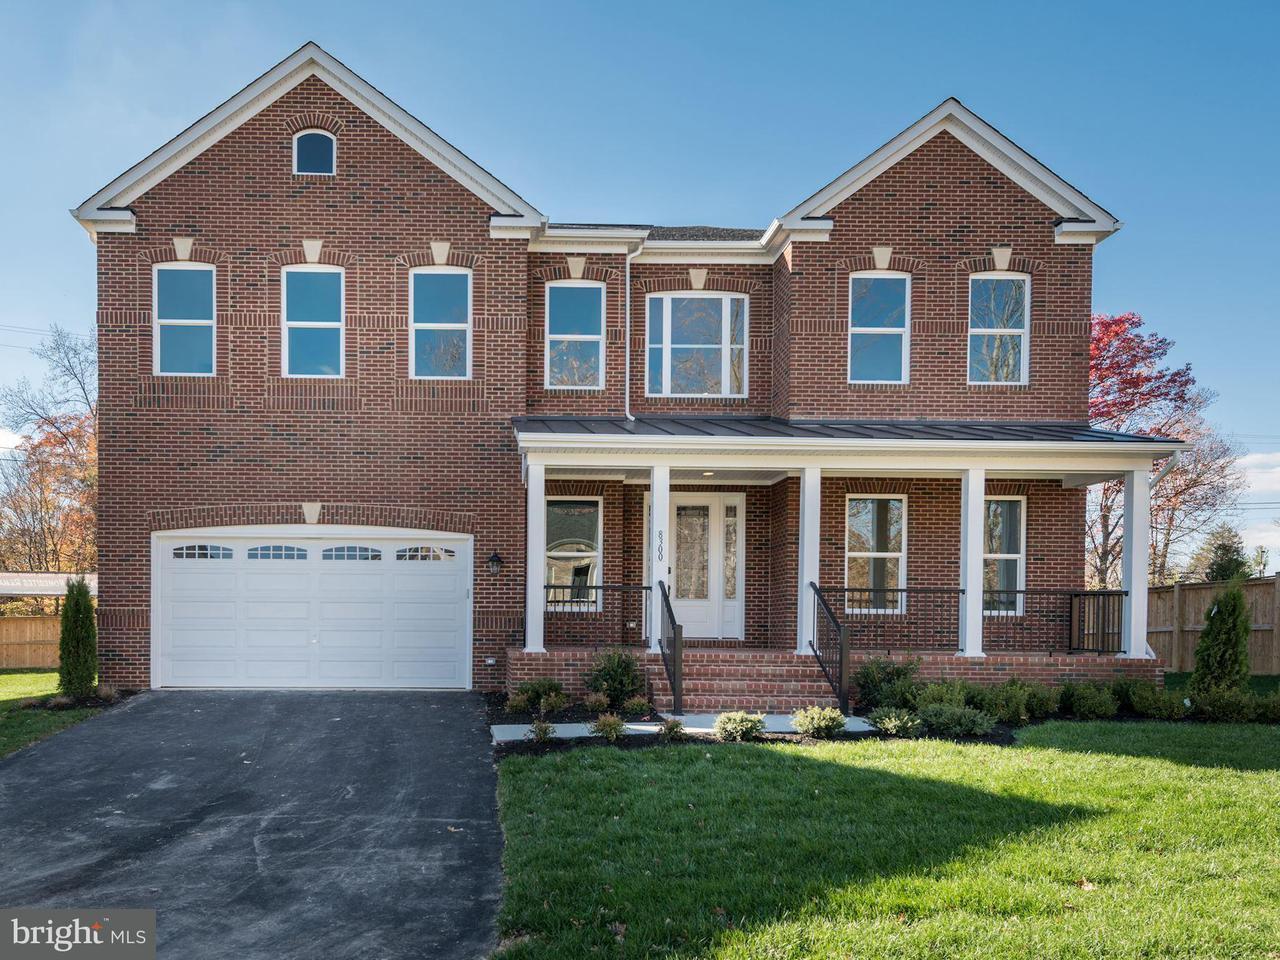 Μονοκατοικία για την Πώληση στο 8300 SWOPE Court 8300 SWOPE Court Springfield, Βιρτζινια 22153 Ηνωμενεσ Πολιτειεσ